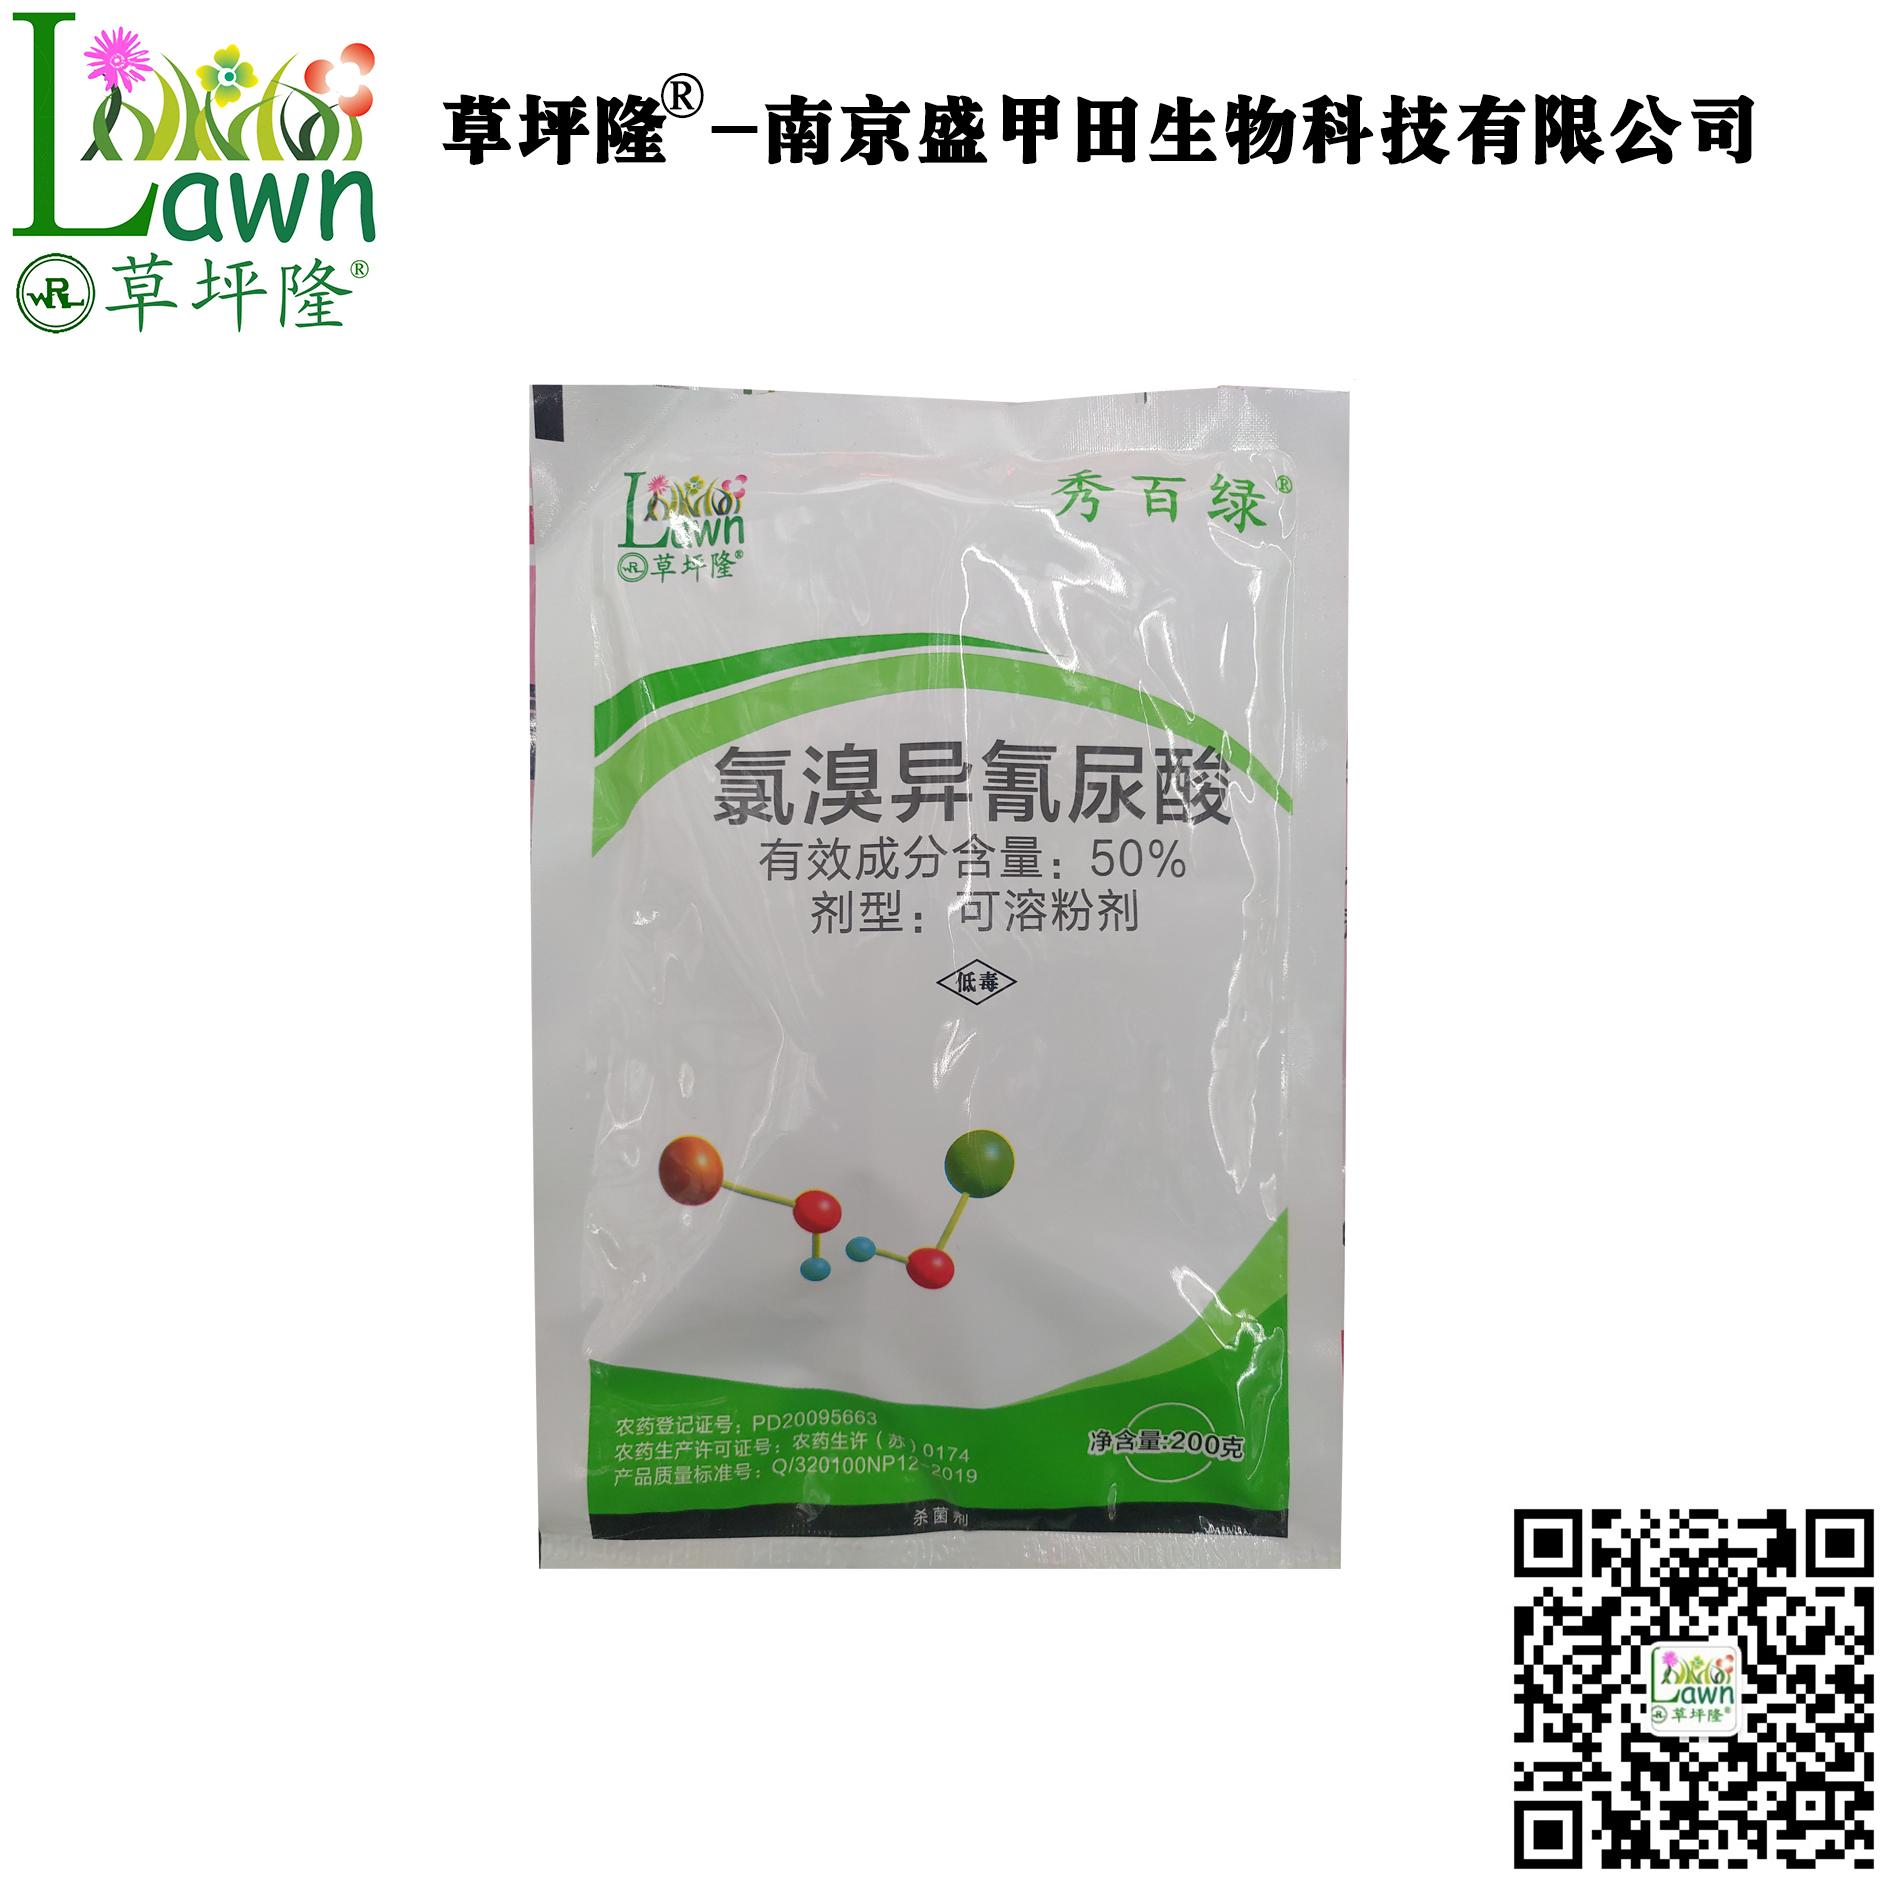 秀百绿-氯溴异氰尿酸